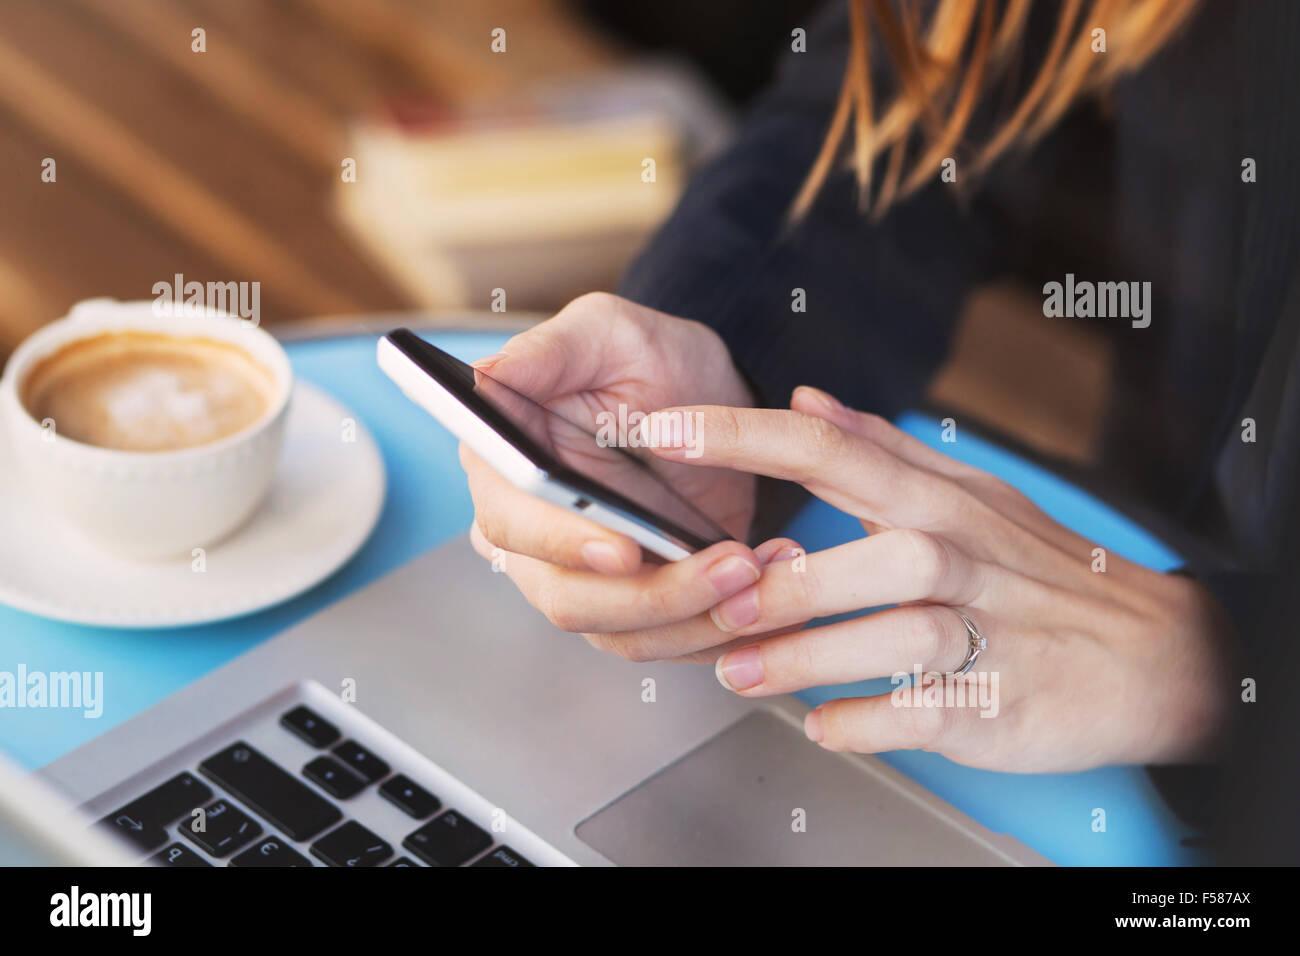 Mobile Internet, connexion Wi-Fi au réseau local connexion sur smartphone dans cafe Photo Stock